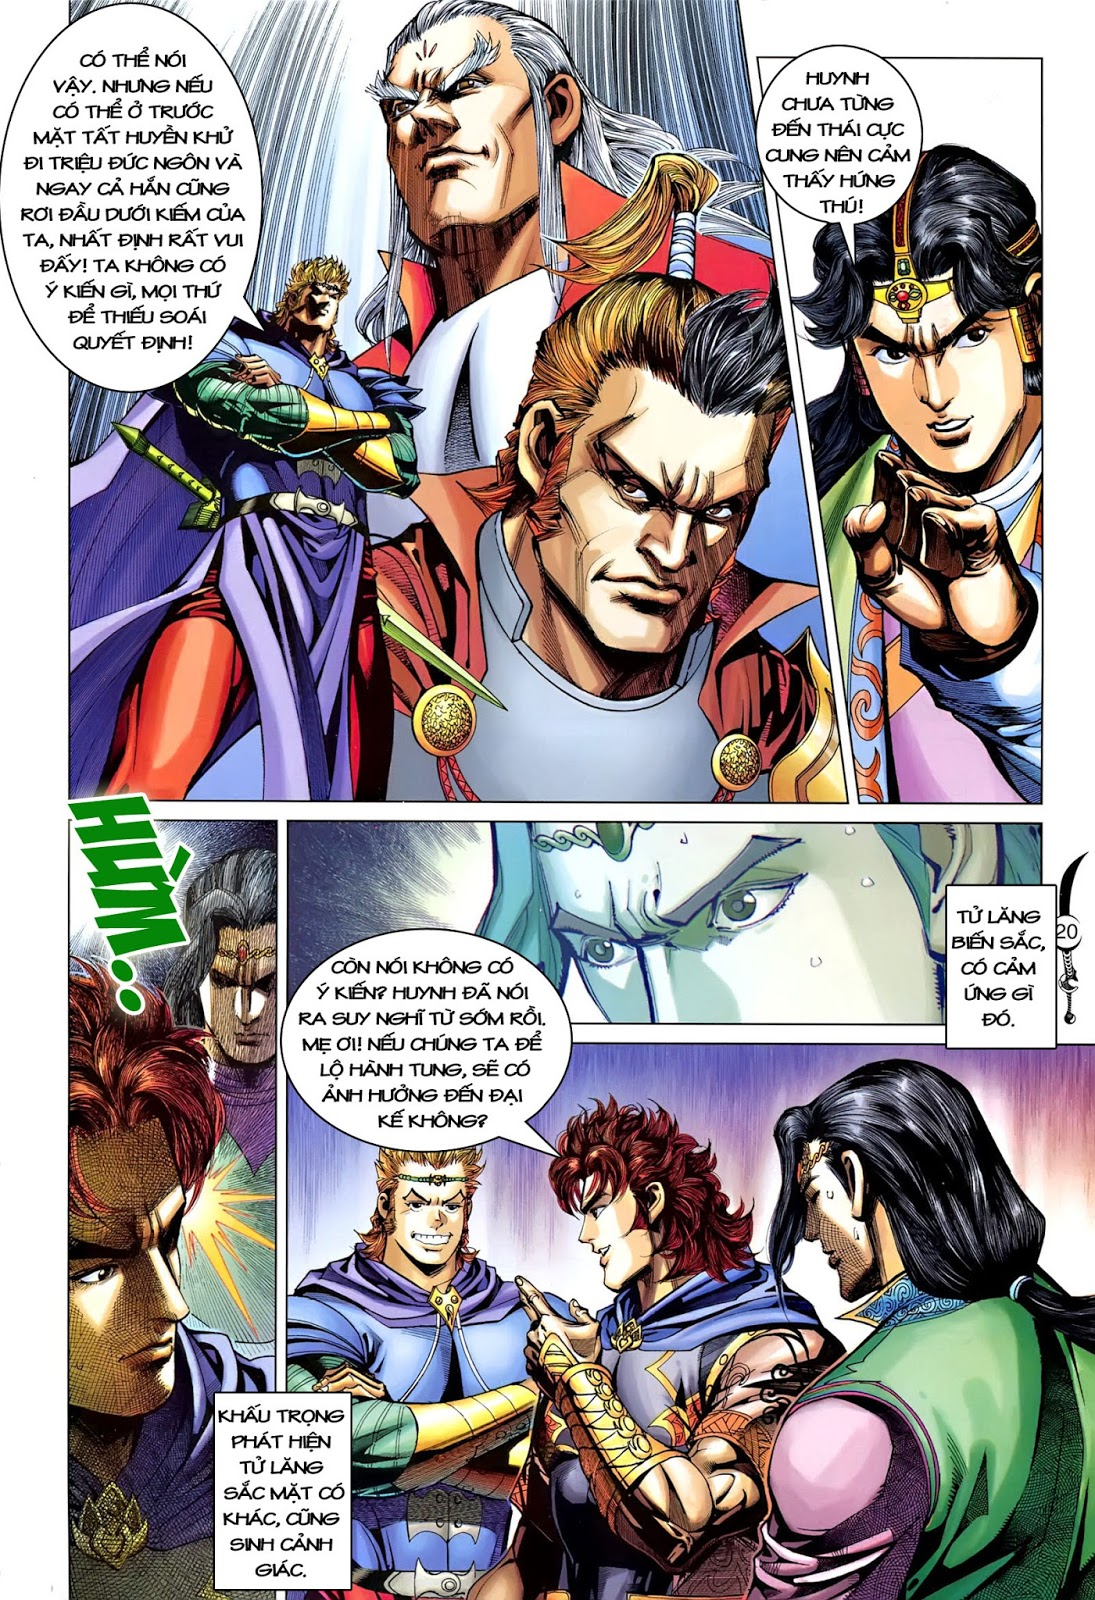 Đại Đường Song Long Truyện chap 216 - Trang 22